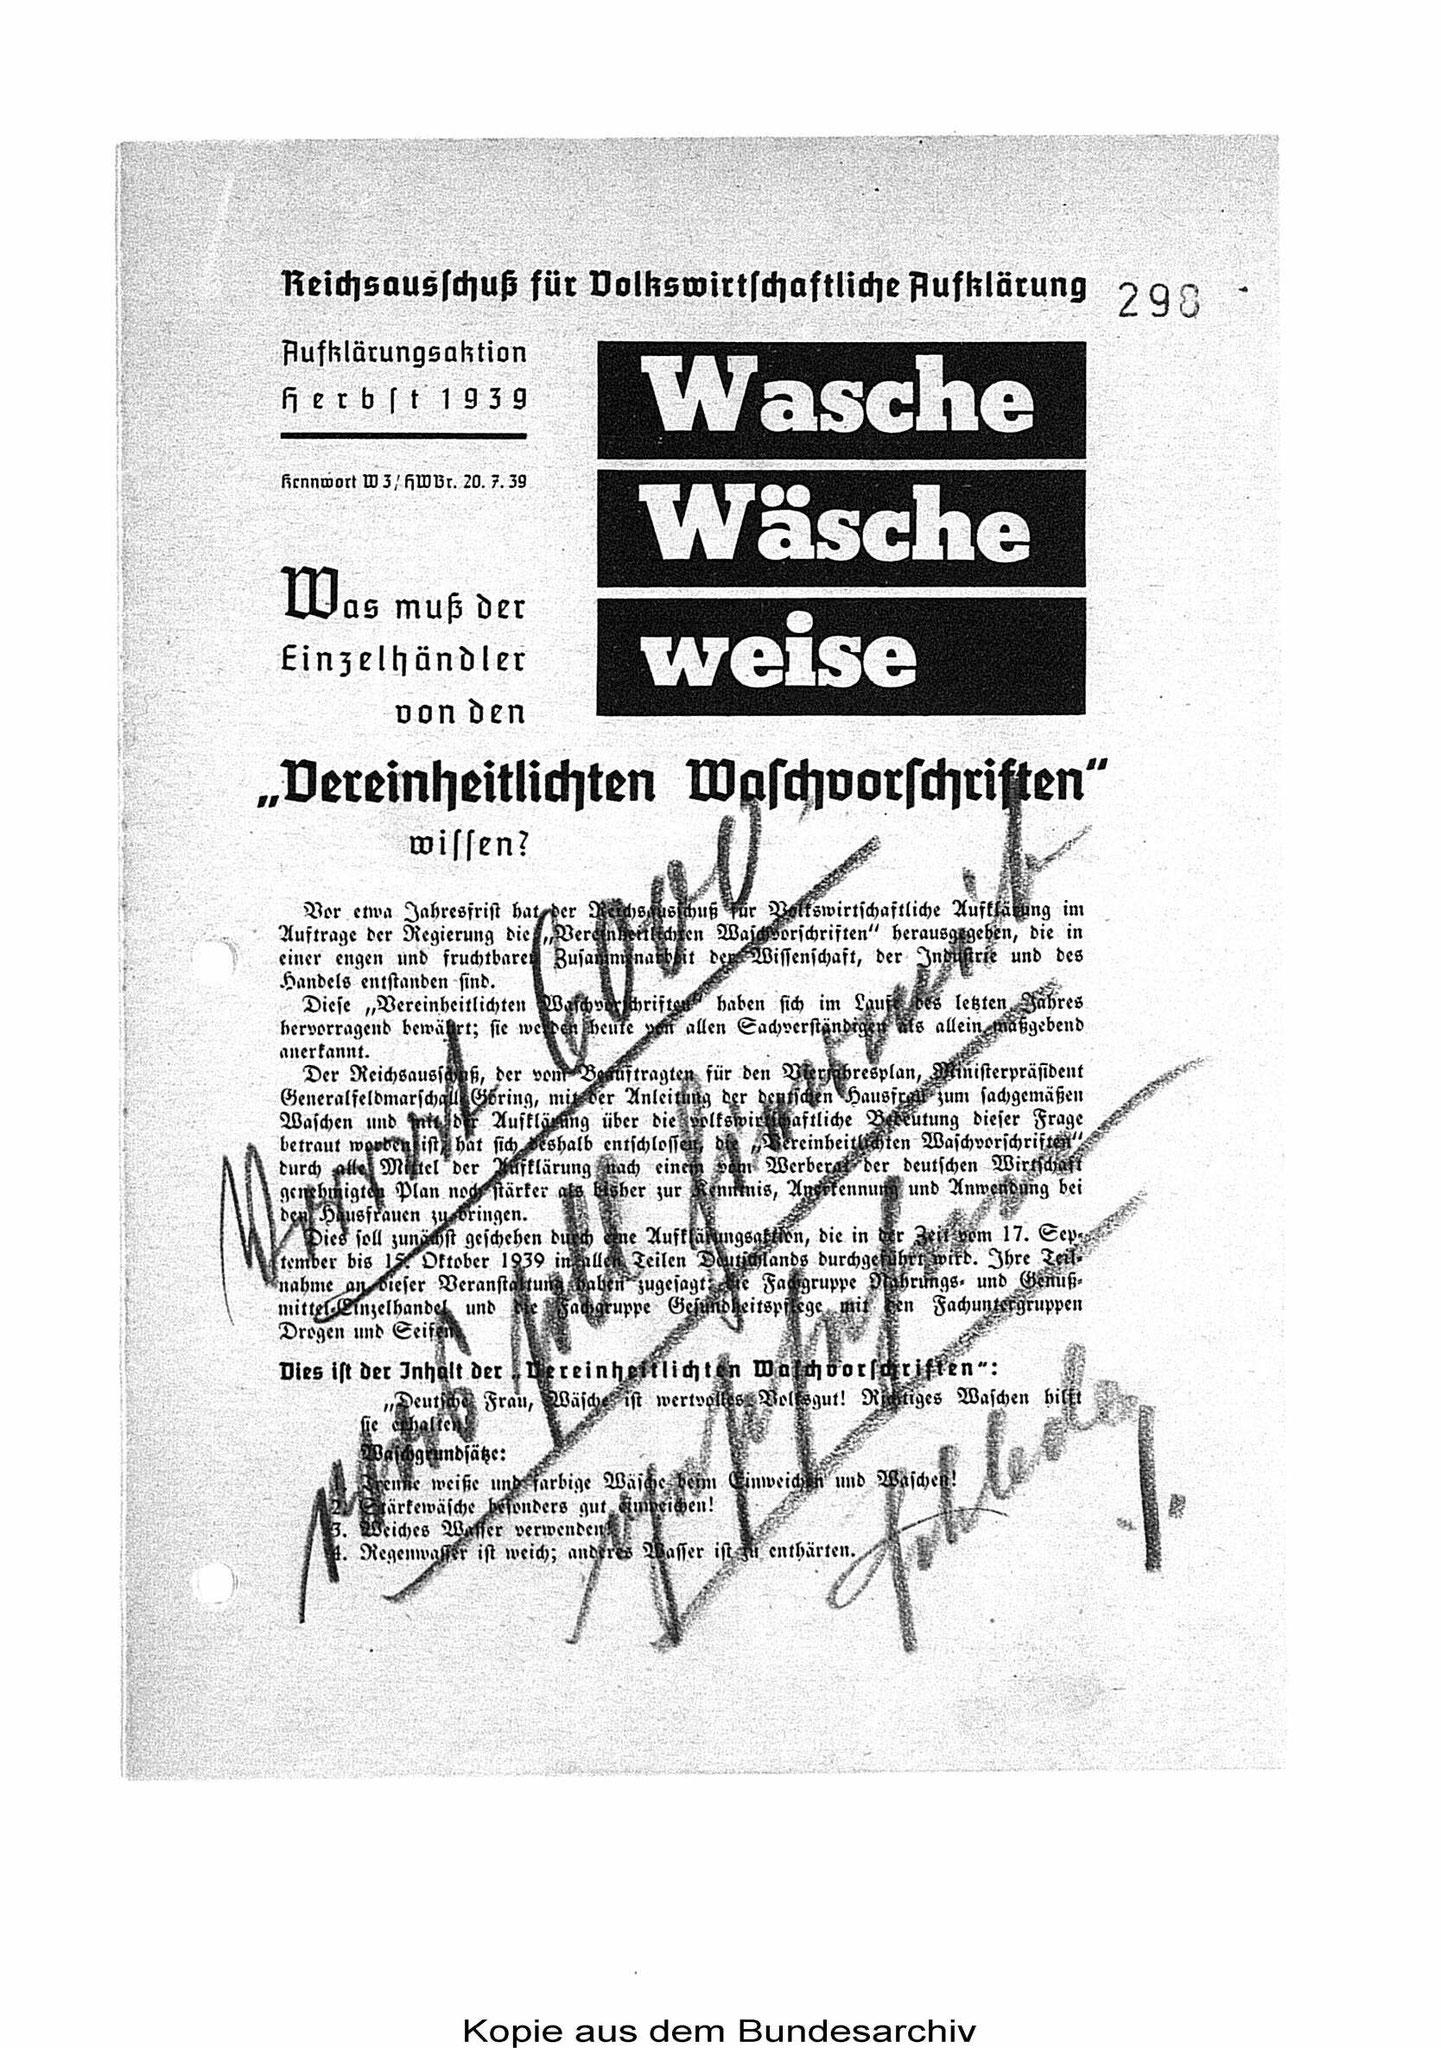 Waschvorschriften - Info für Einzelhändler August 1939. BArch R5002/46.